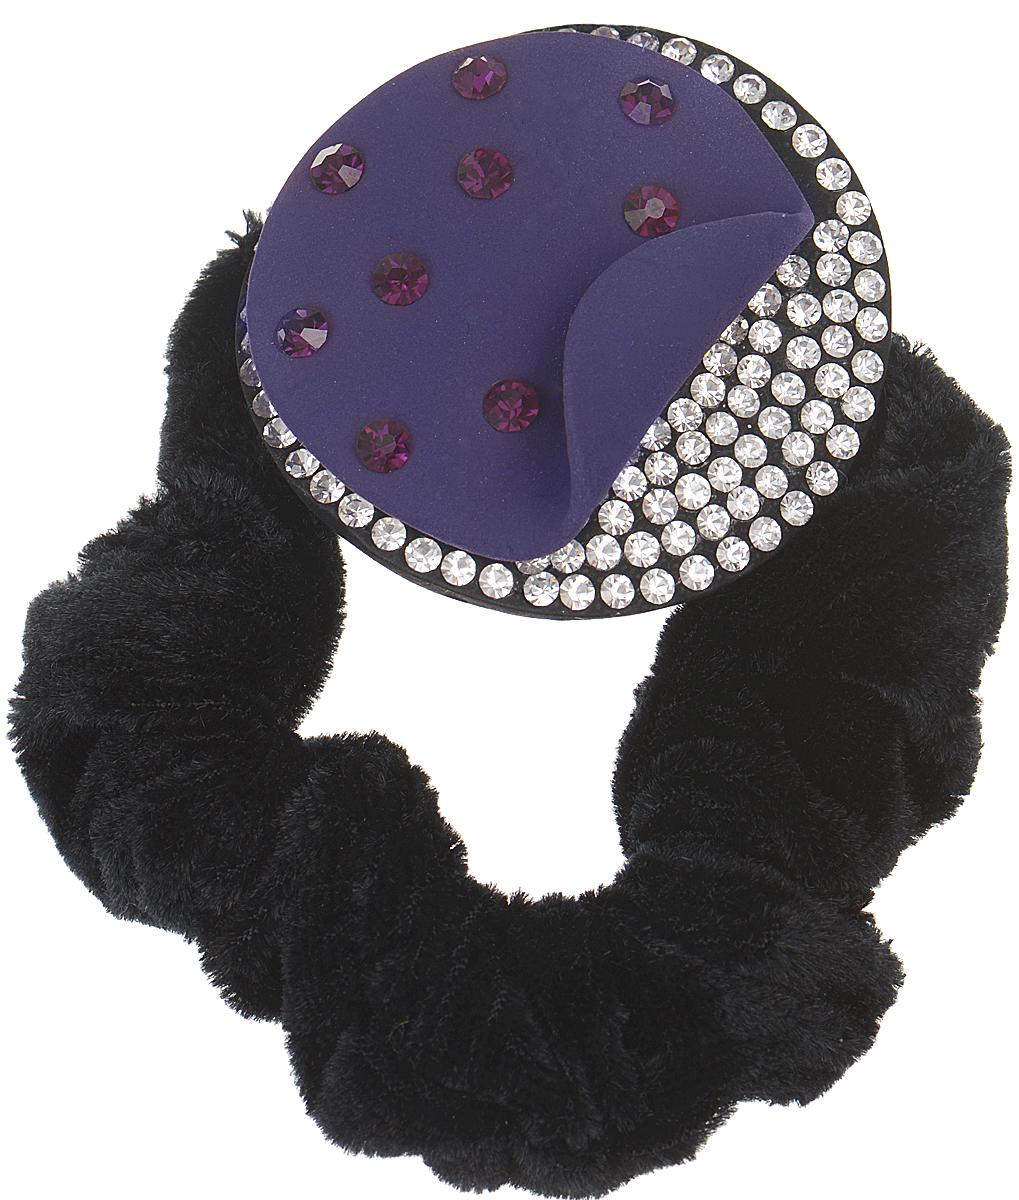 Резинка для волос Fashion House, цвет: черный, фиолетовый, серебряный. FH24213